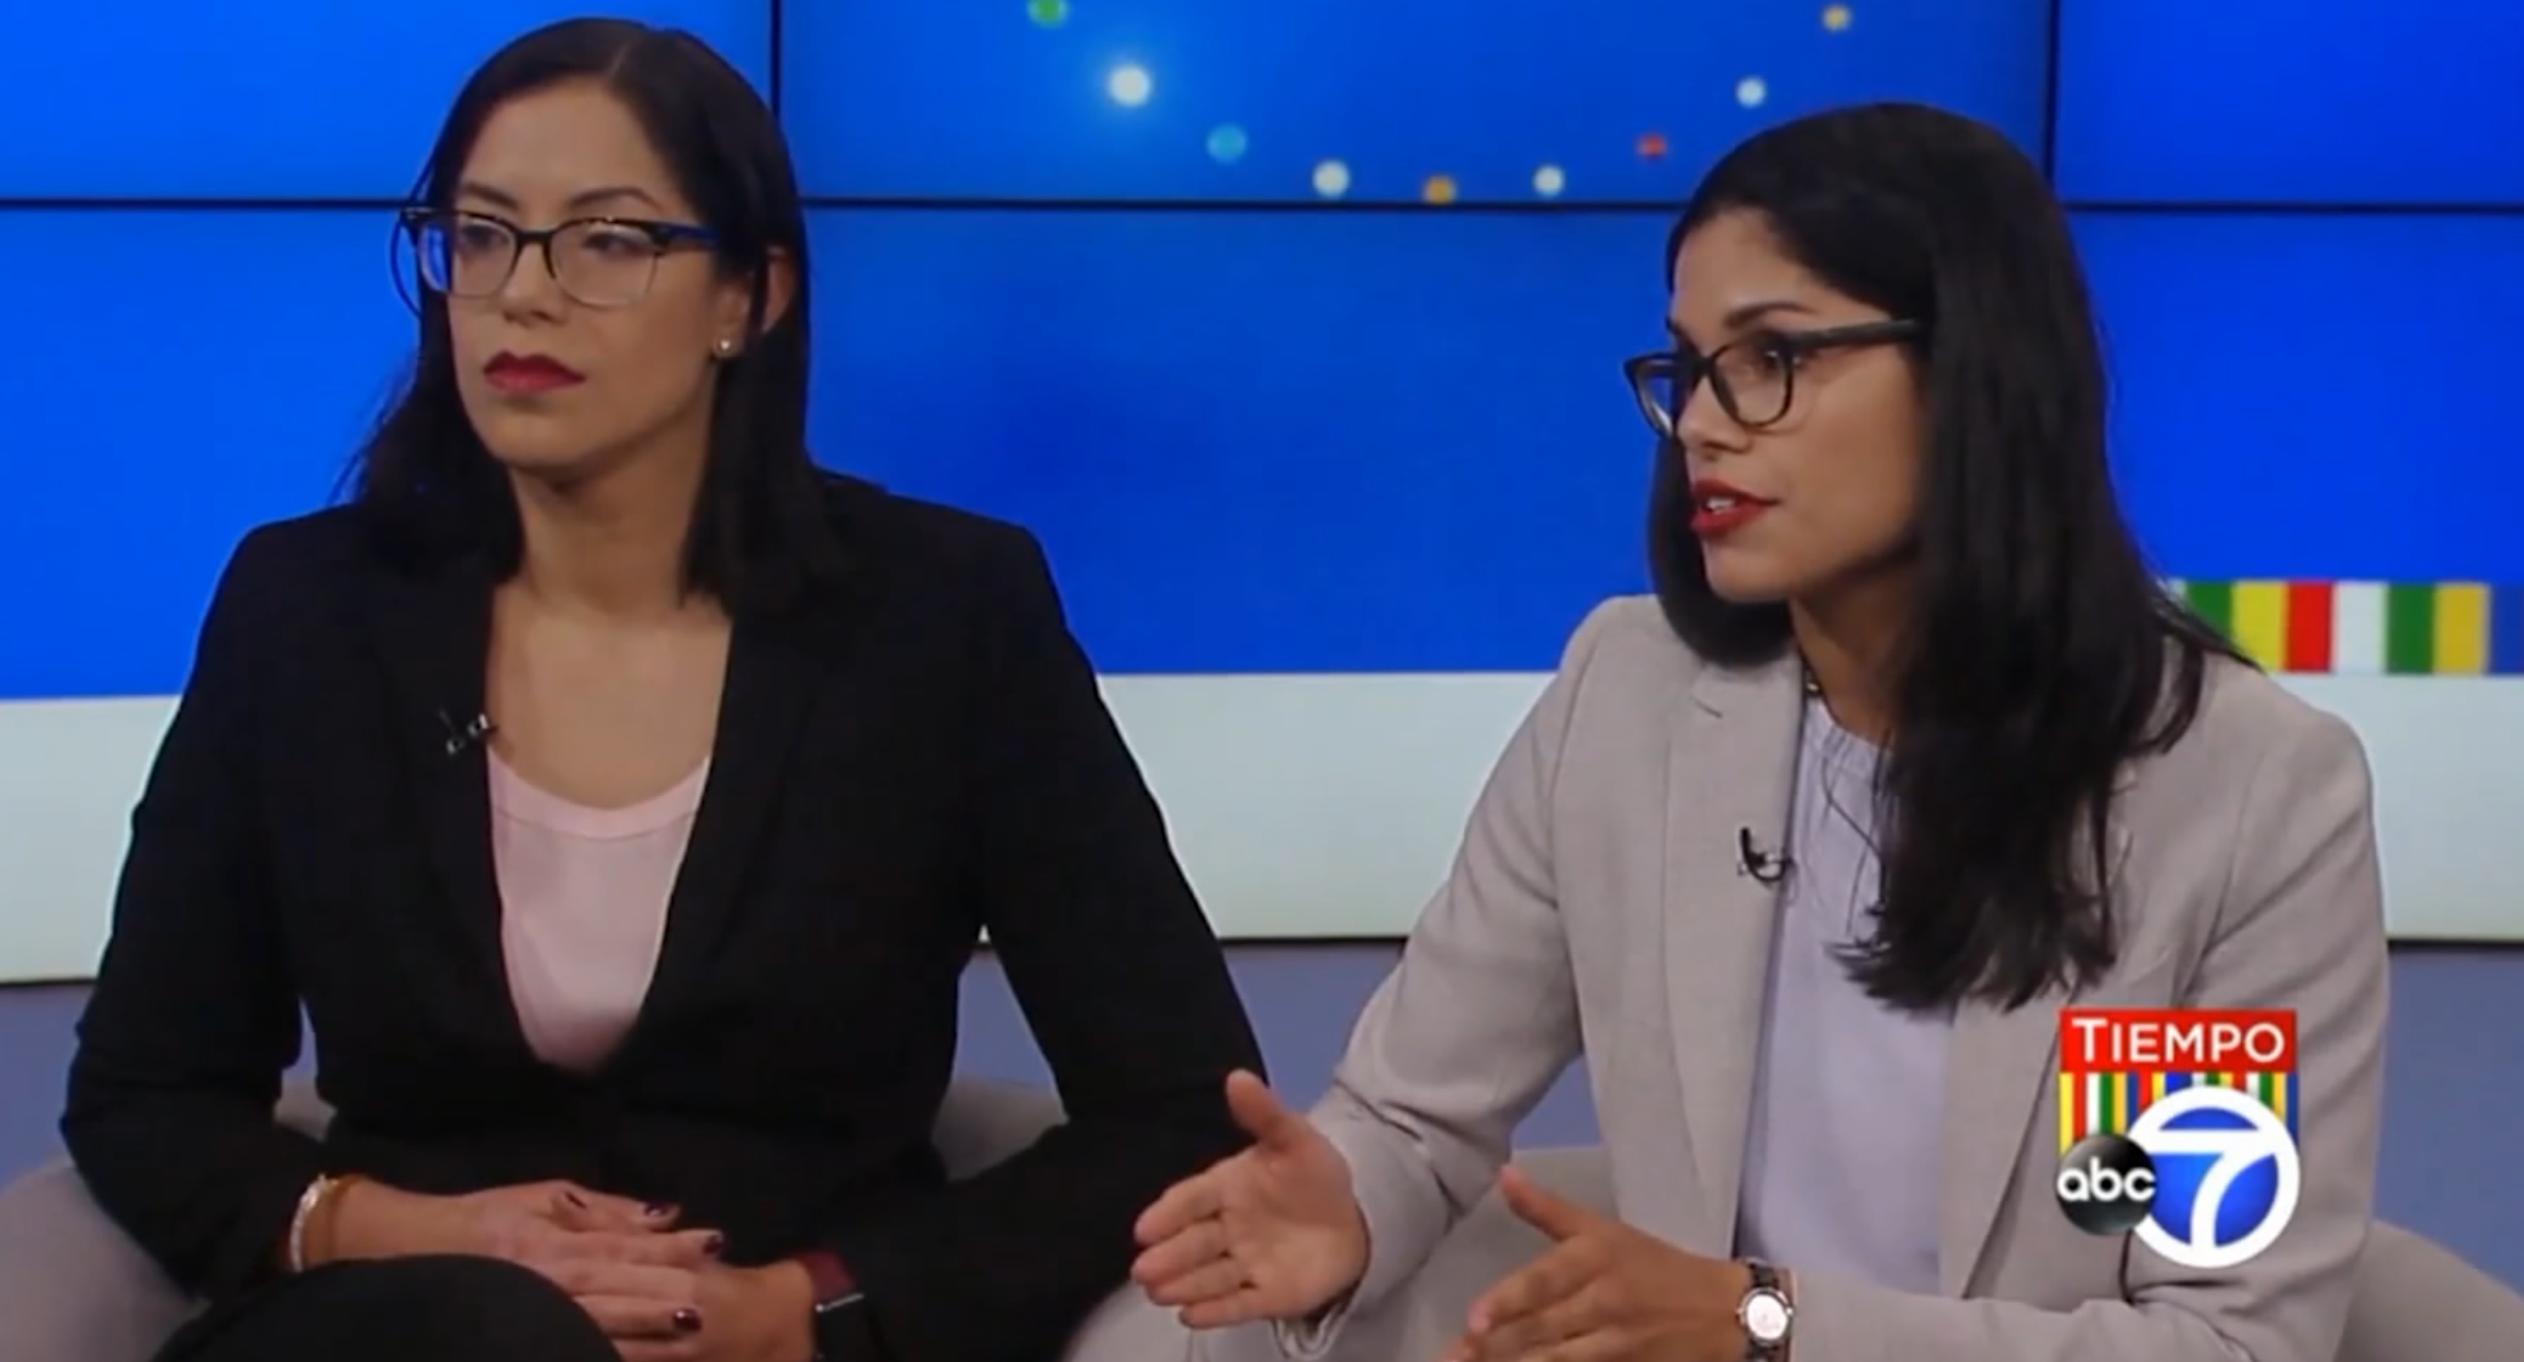 Tiempo de ABC Habla Sobre Robo De Salarios en Nueva York